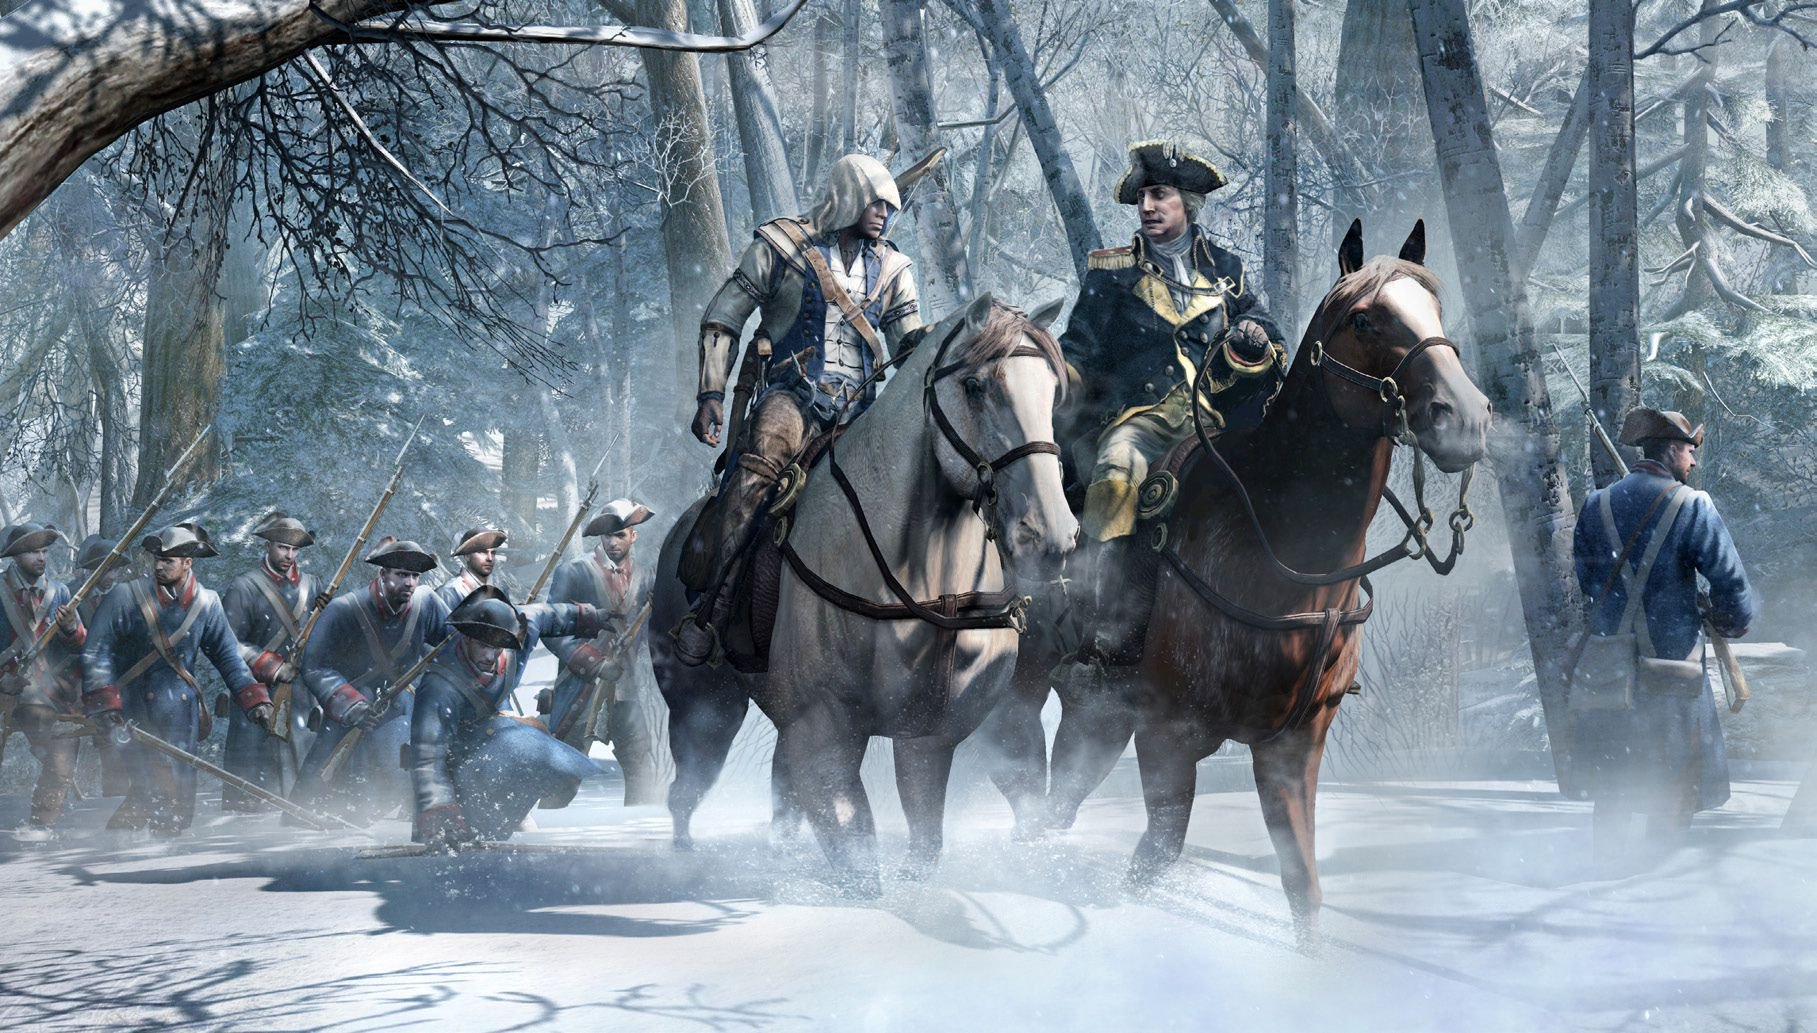 Assassin's Creed 3 – это новая игра французской компании Ubisoft про заговоры, конец света, древние цивилизации, орд ... - Изображение 1